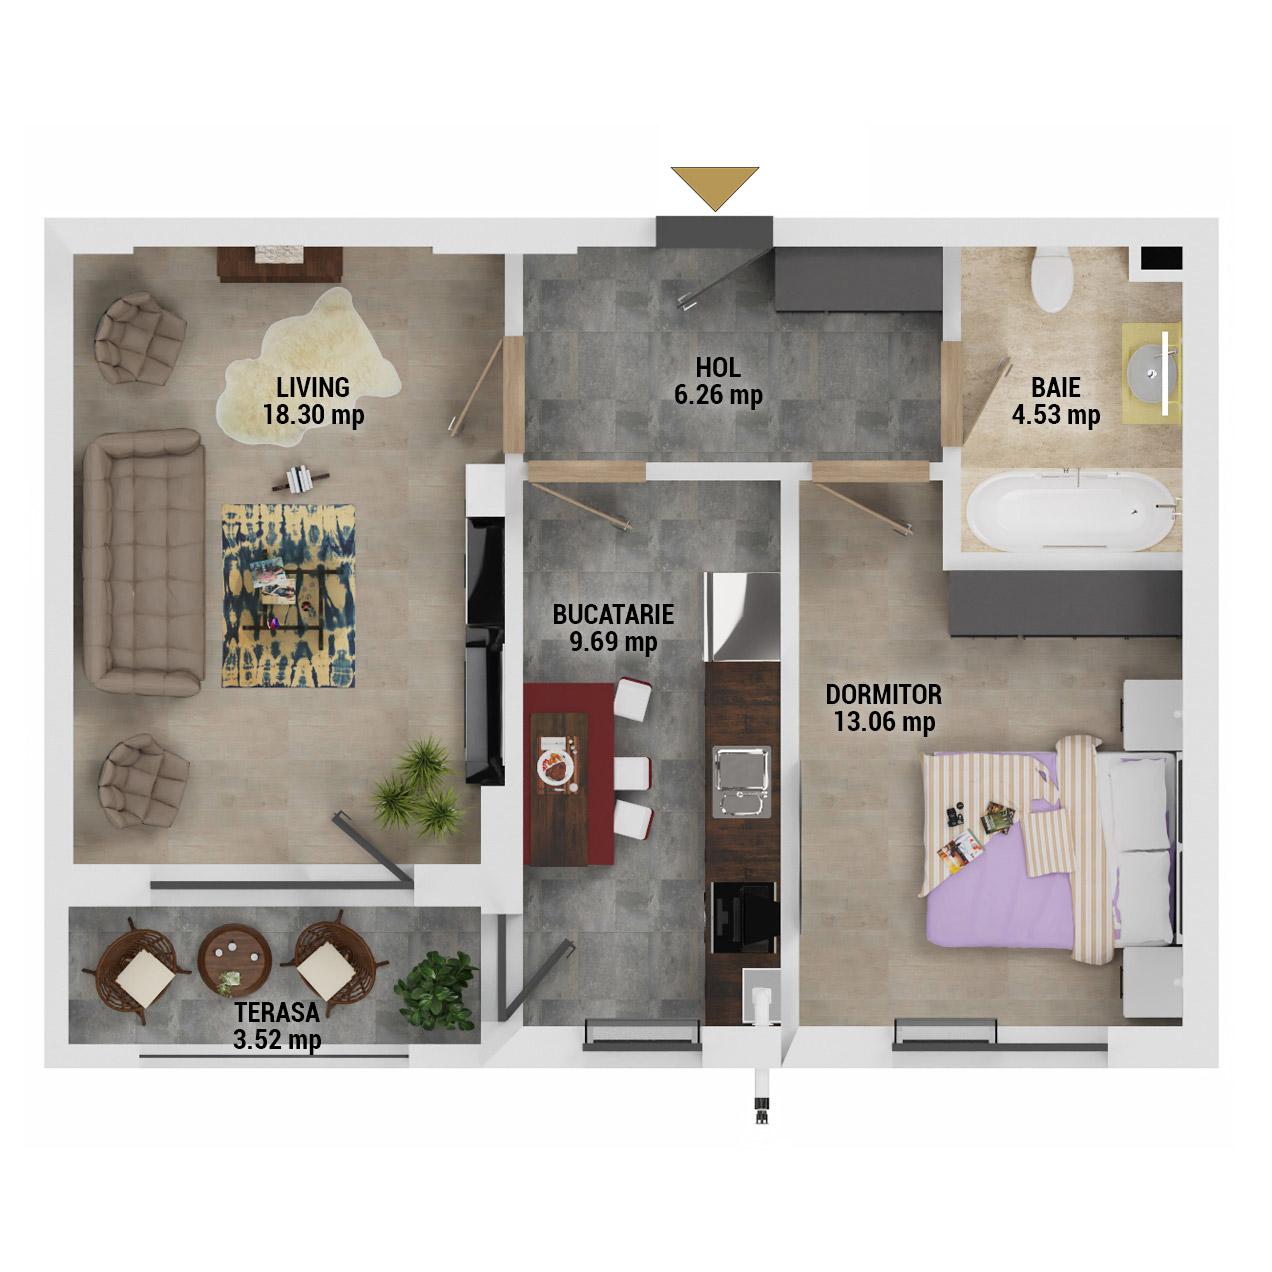 Apartament 2 camere de vanzare Bucuresti - Uverturii Residence - Militari - Lujerului - Gorjului - Tip 5D - T3 - G